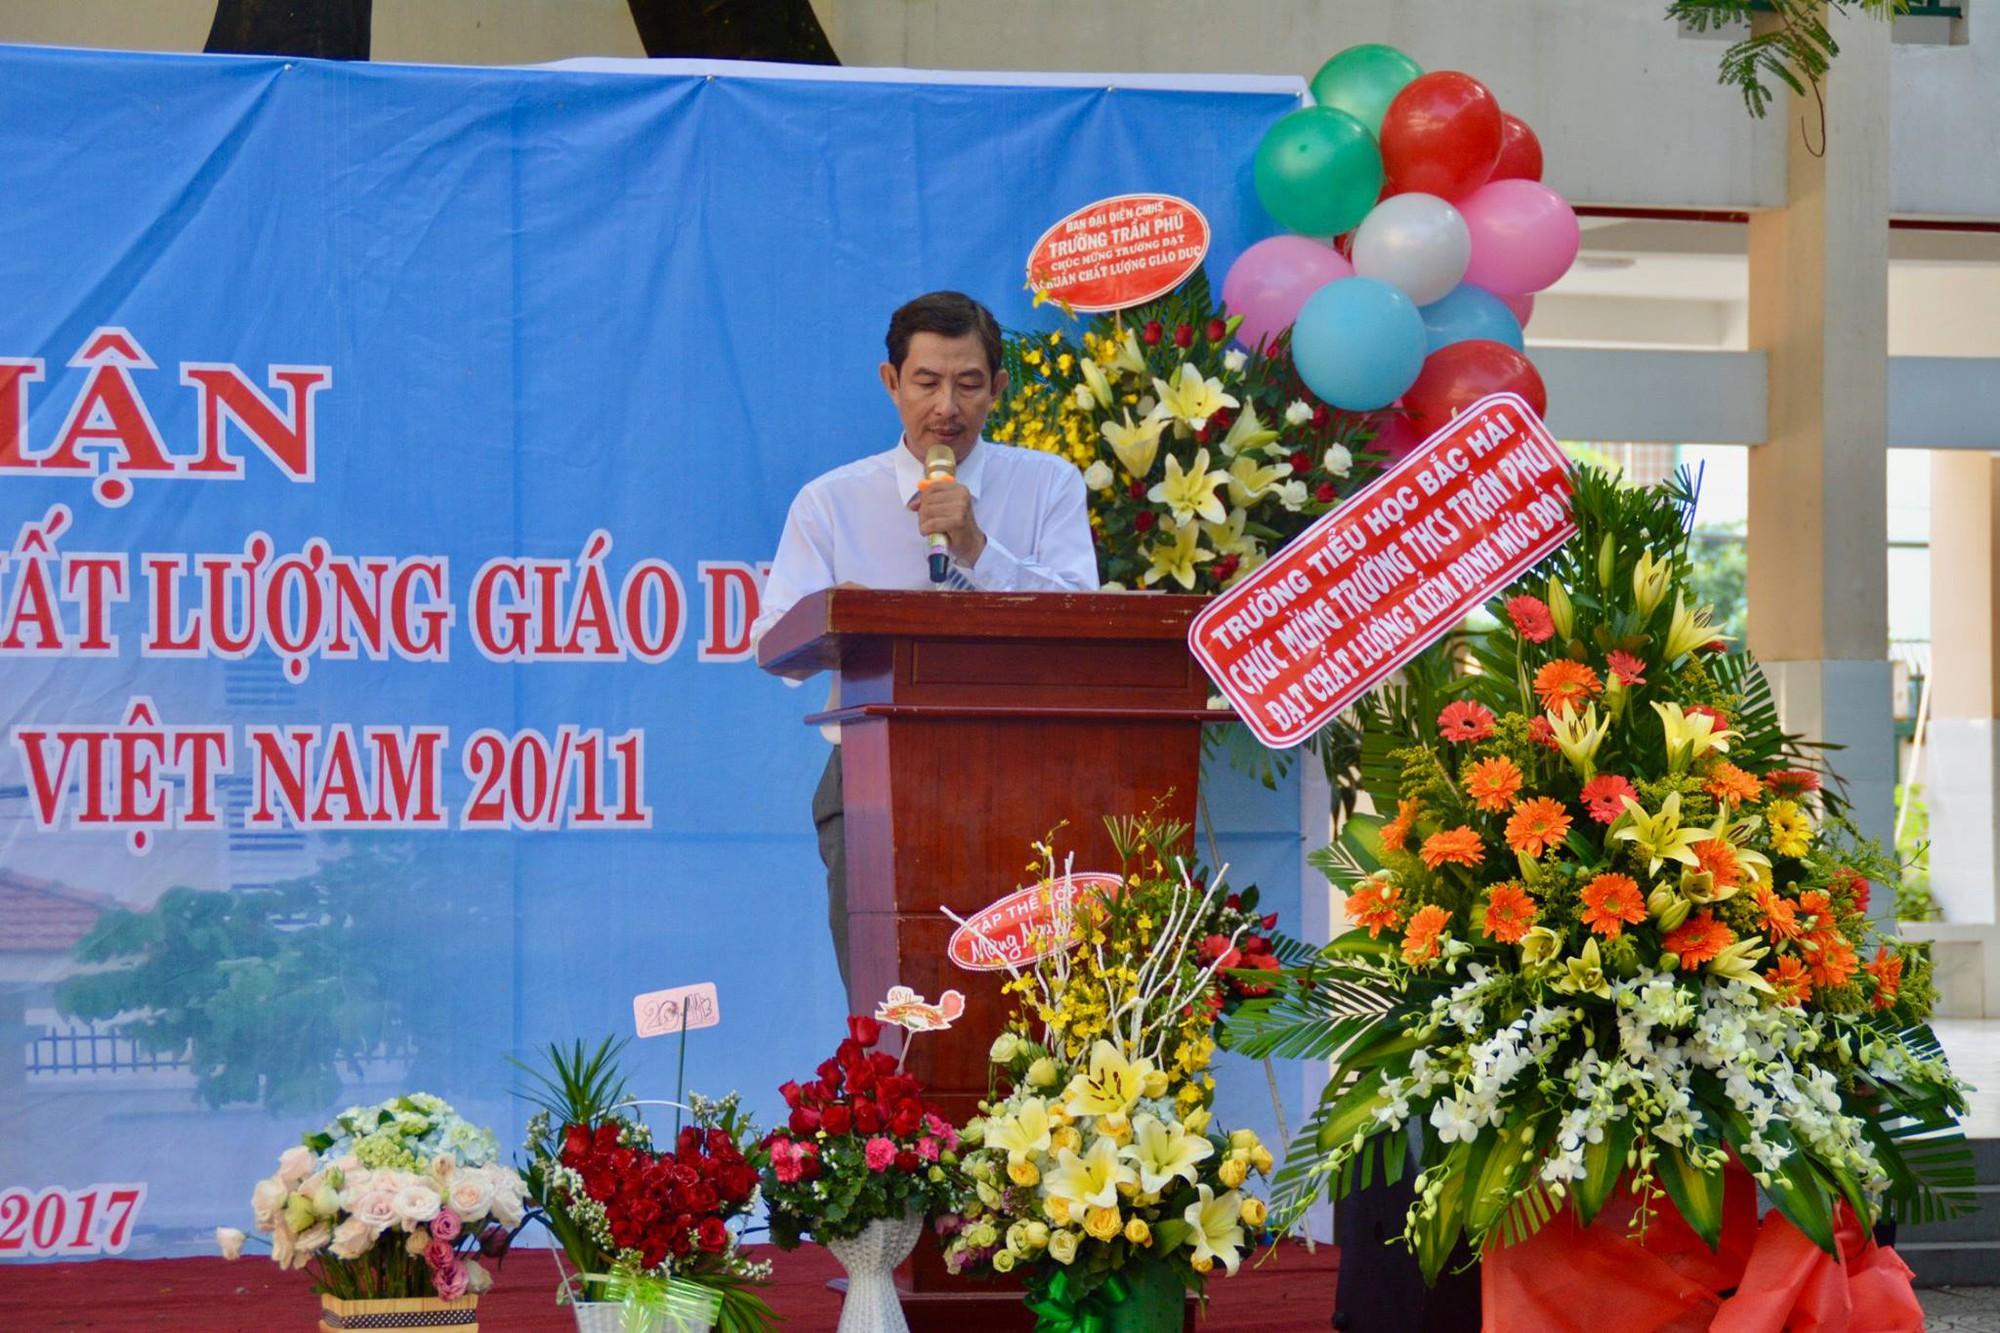 Hình ảnh xúc động: Hàng nghìn HS trường Trần Phú TP.HCM cuối đầu vĩnh biệt thầy hiệu trưởng đột ngột qua đời - Ảnh 2.